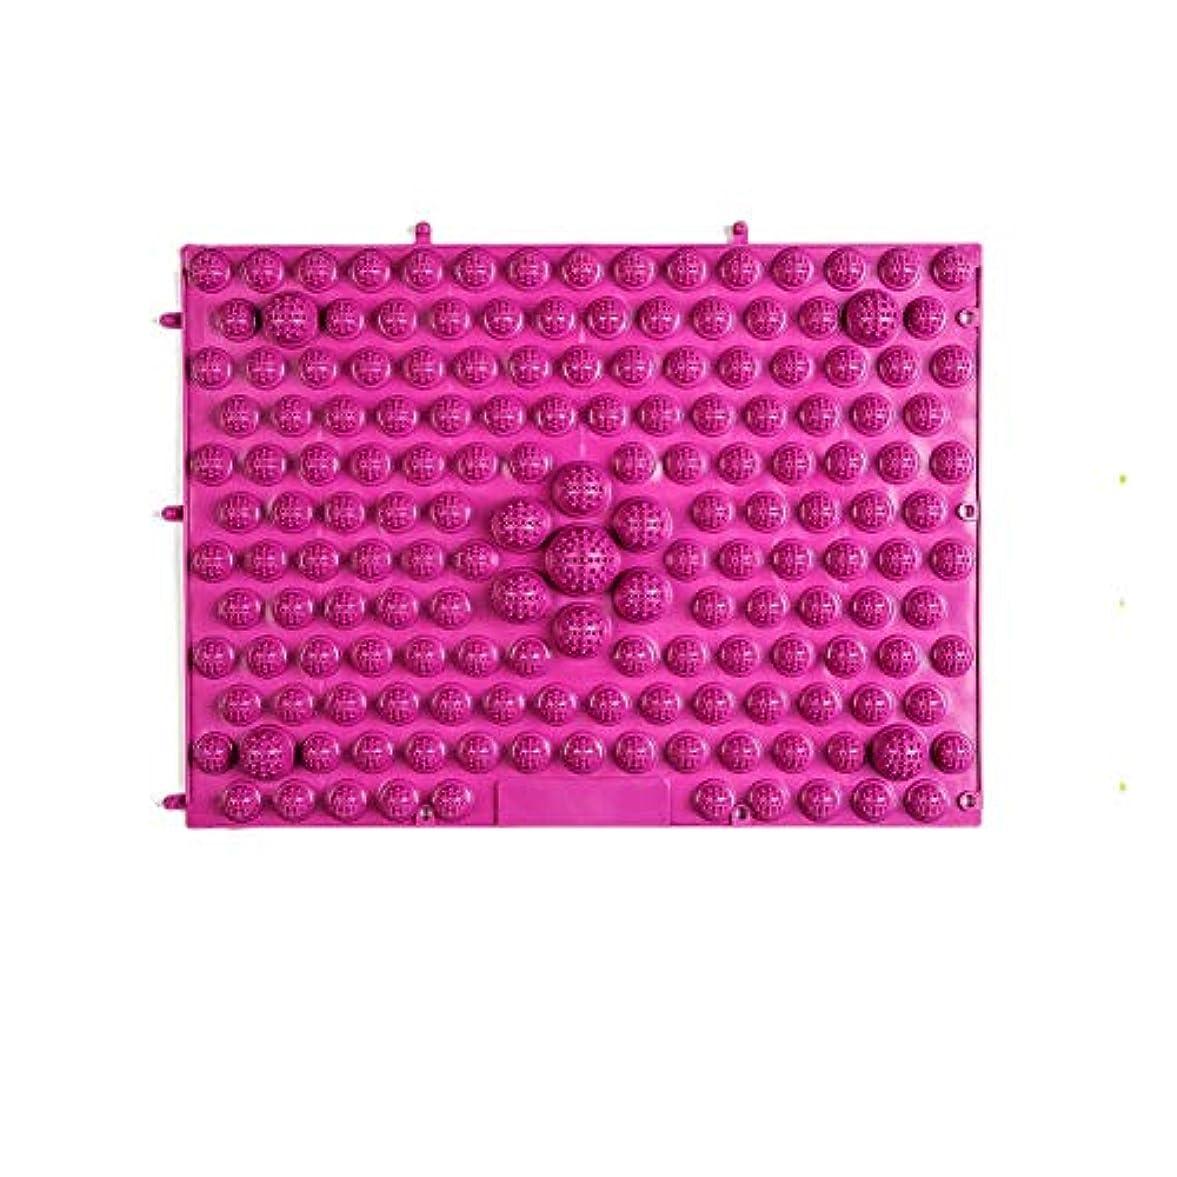 オークランドアルプスご近所ウォークマット 裏板セット(ABS樹脂製補強板付き) (レッド)